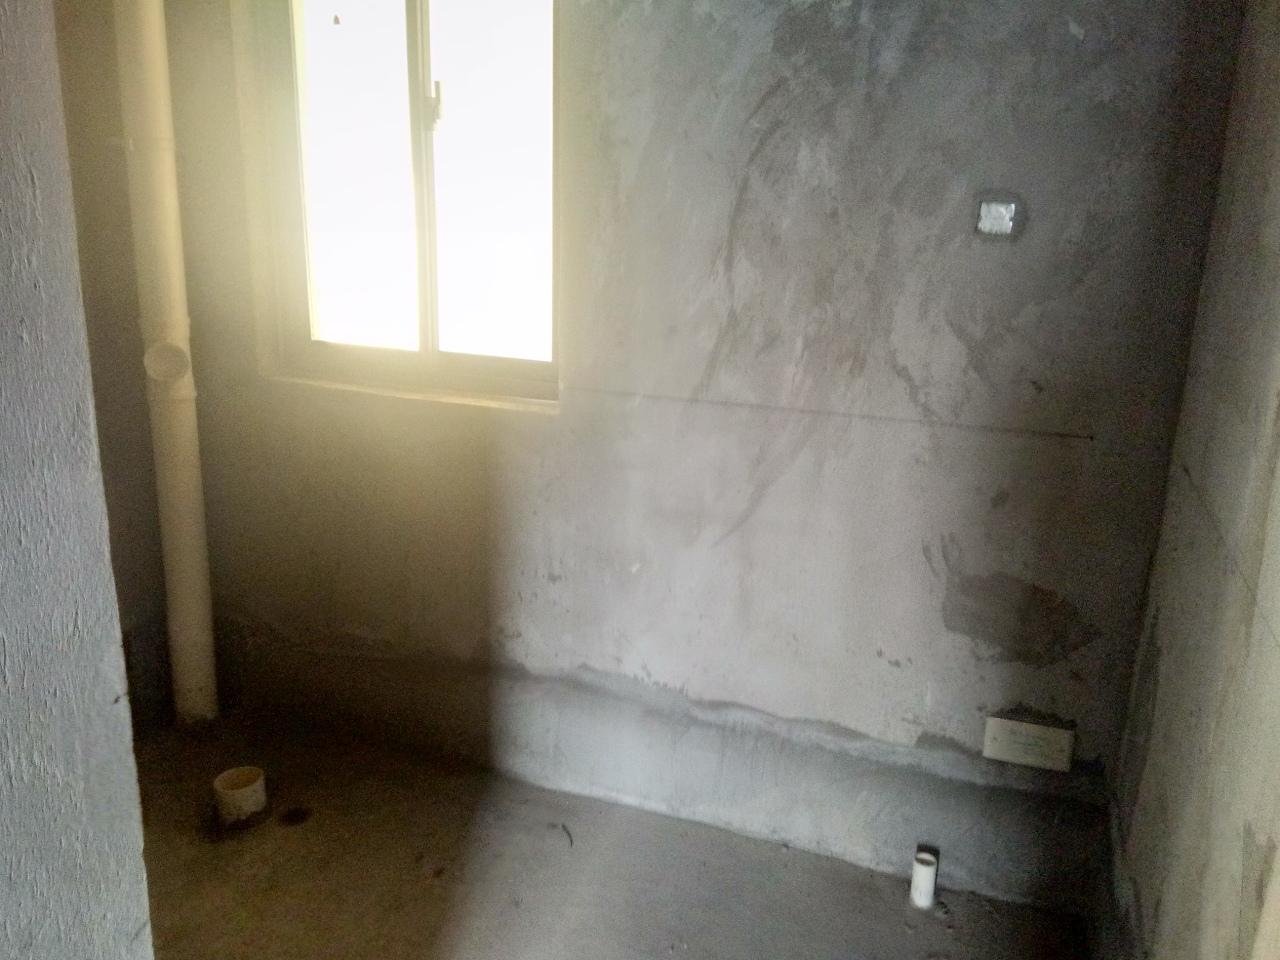 丽园名城3室2厅2卫电梯房可分期